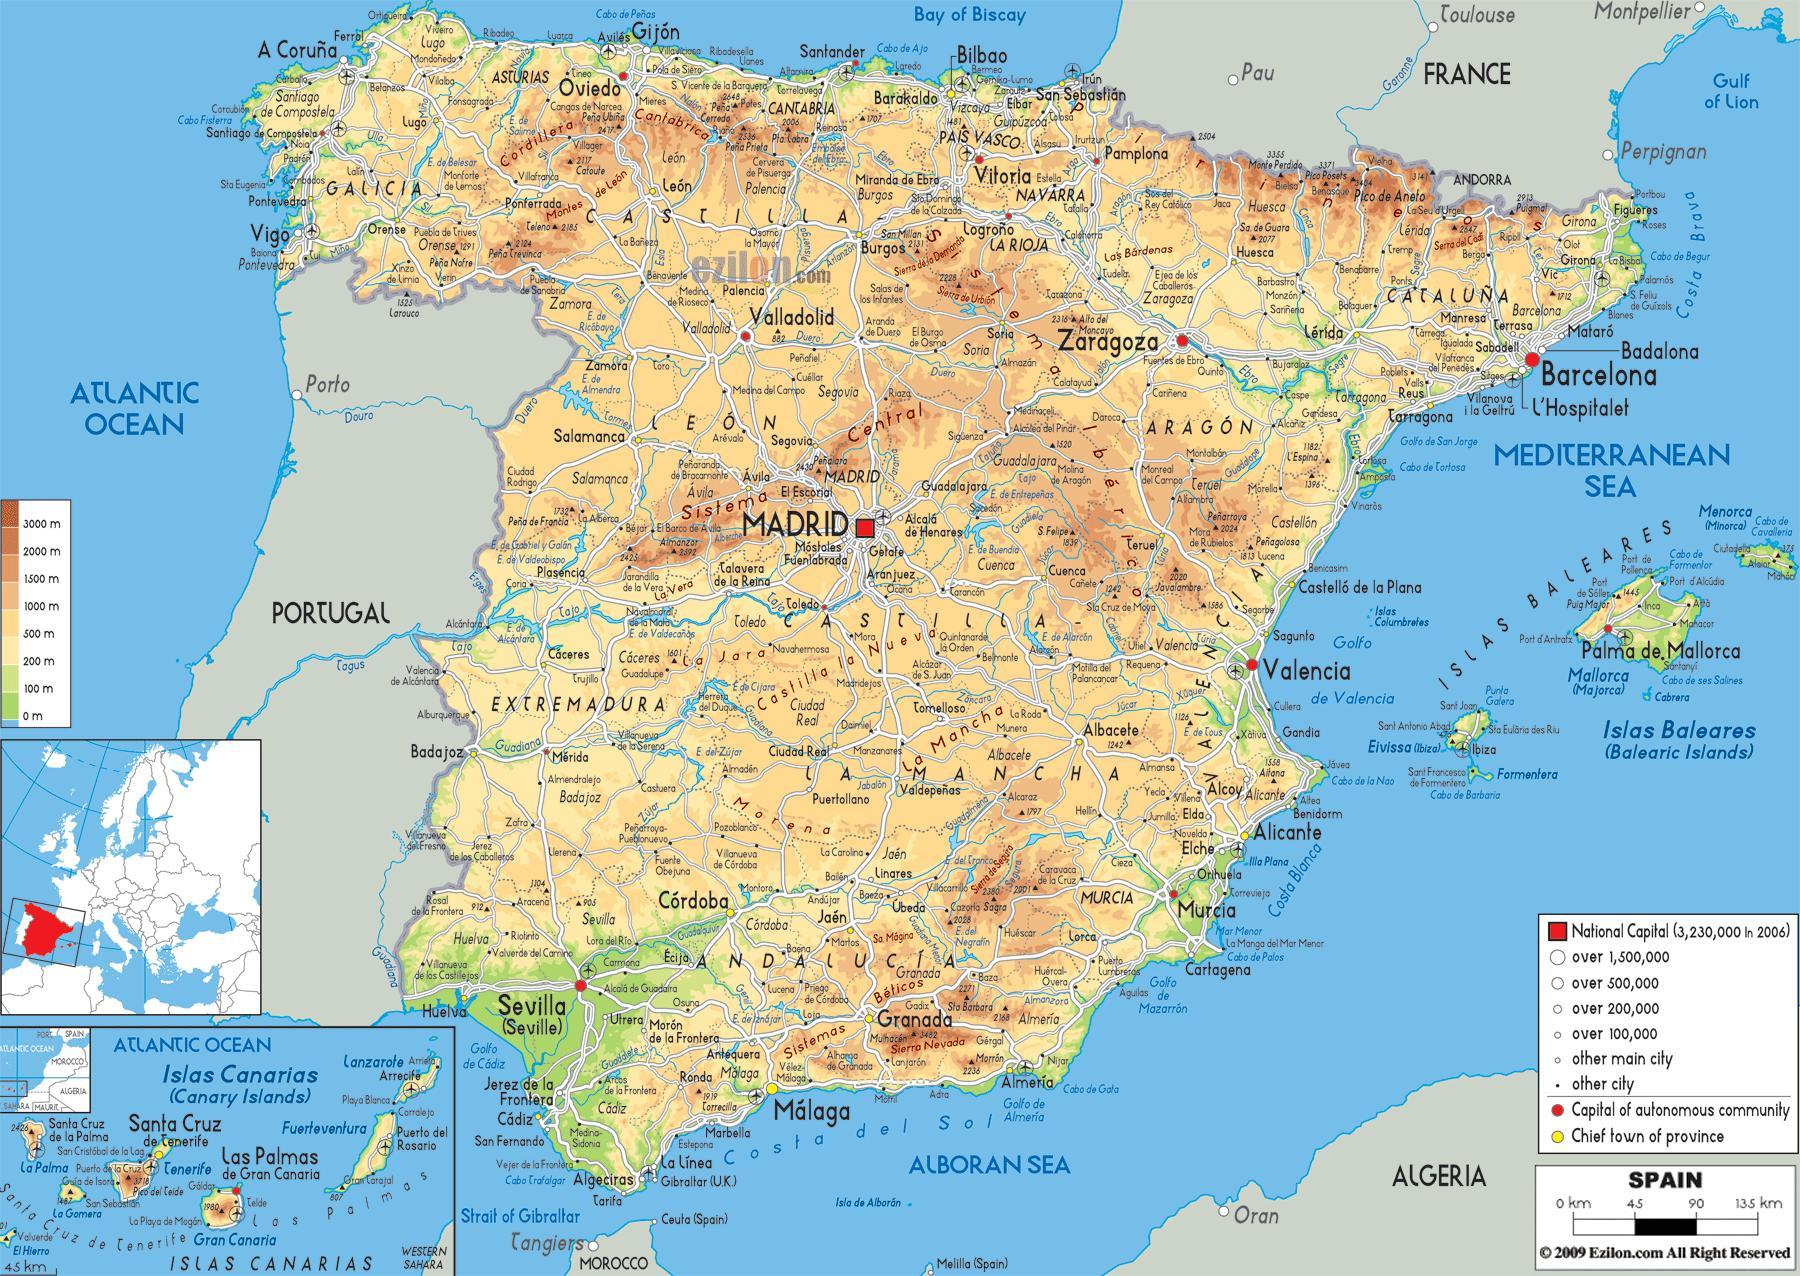 spania kart Spania skoler kart   Kart over Spania skoler (Sør Europa   Europa) spania kart